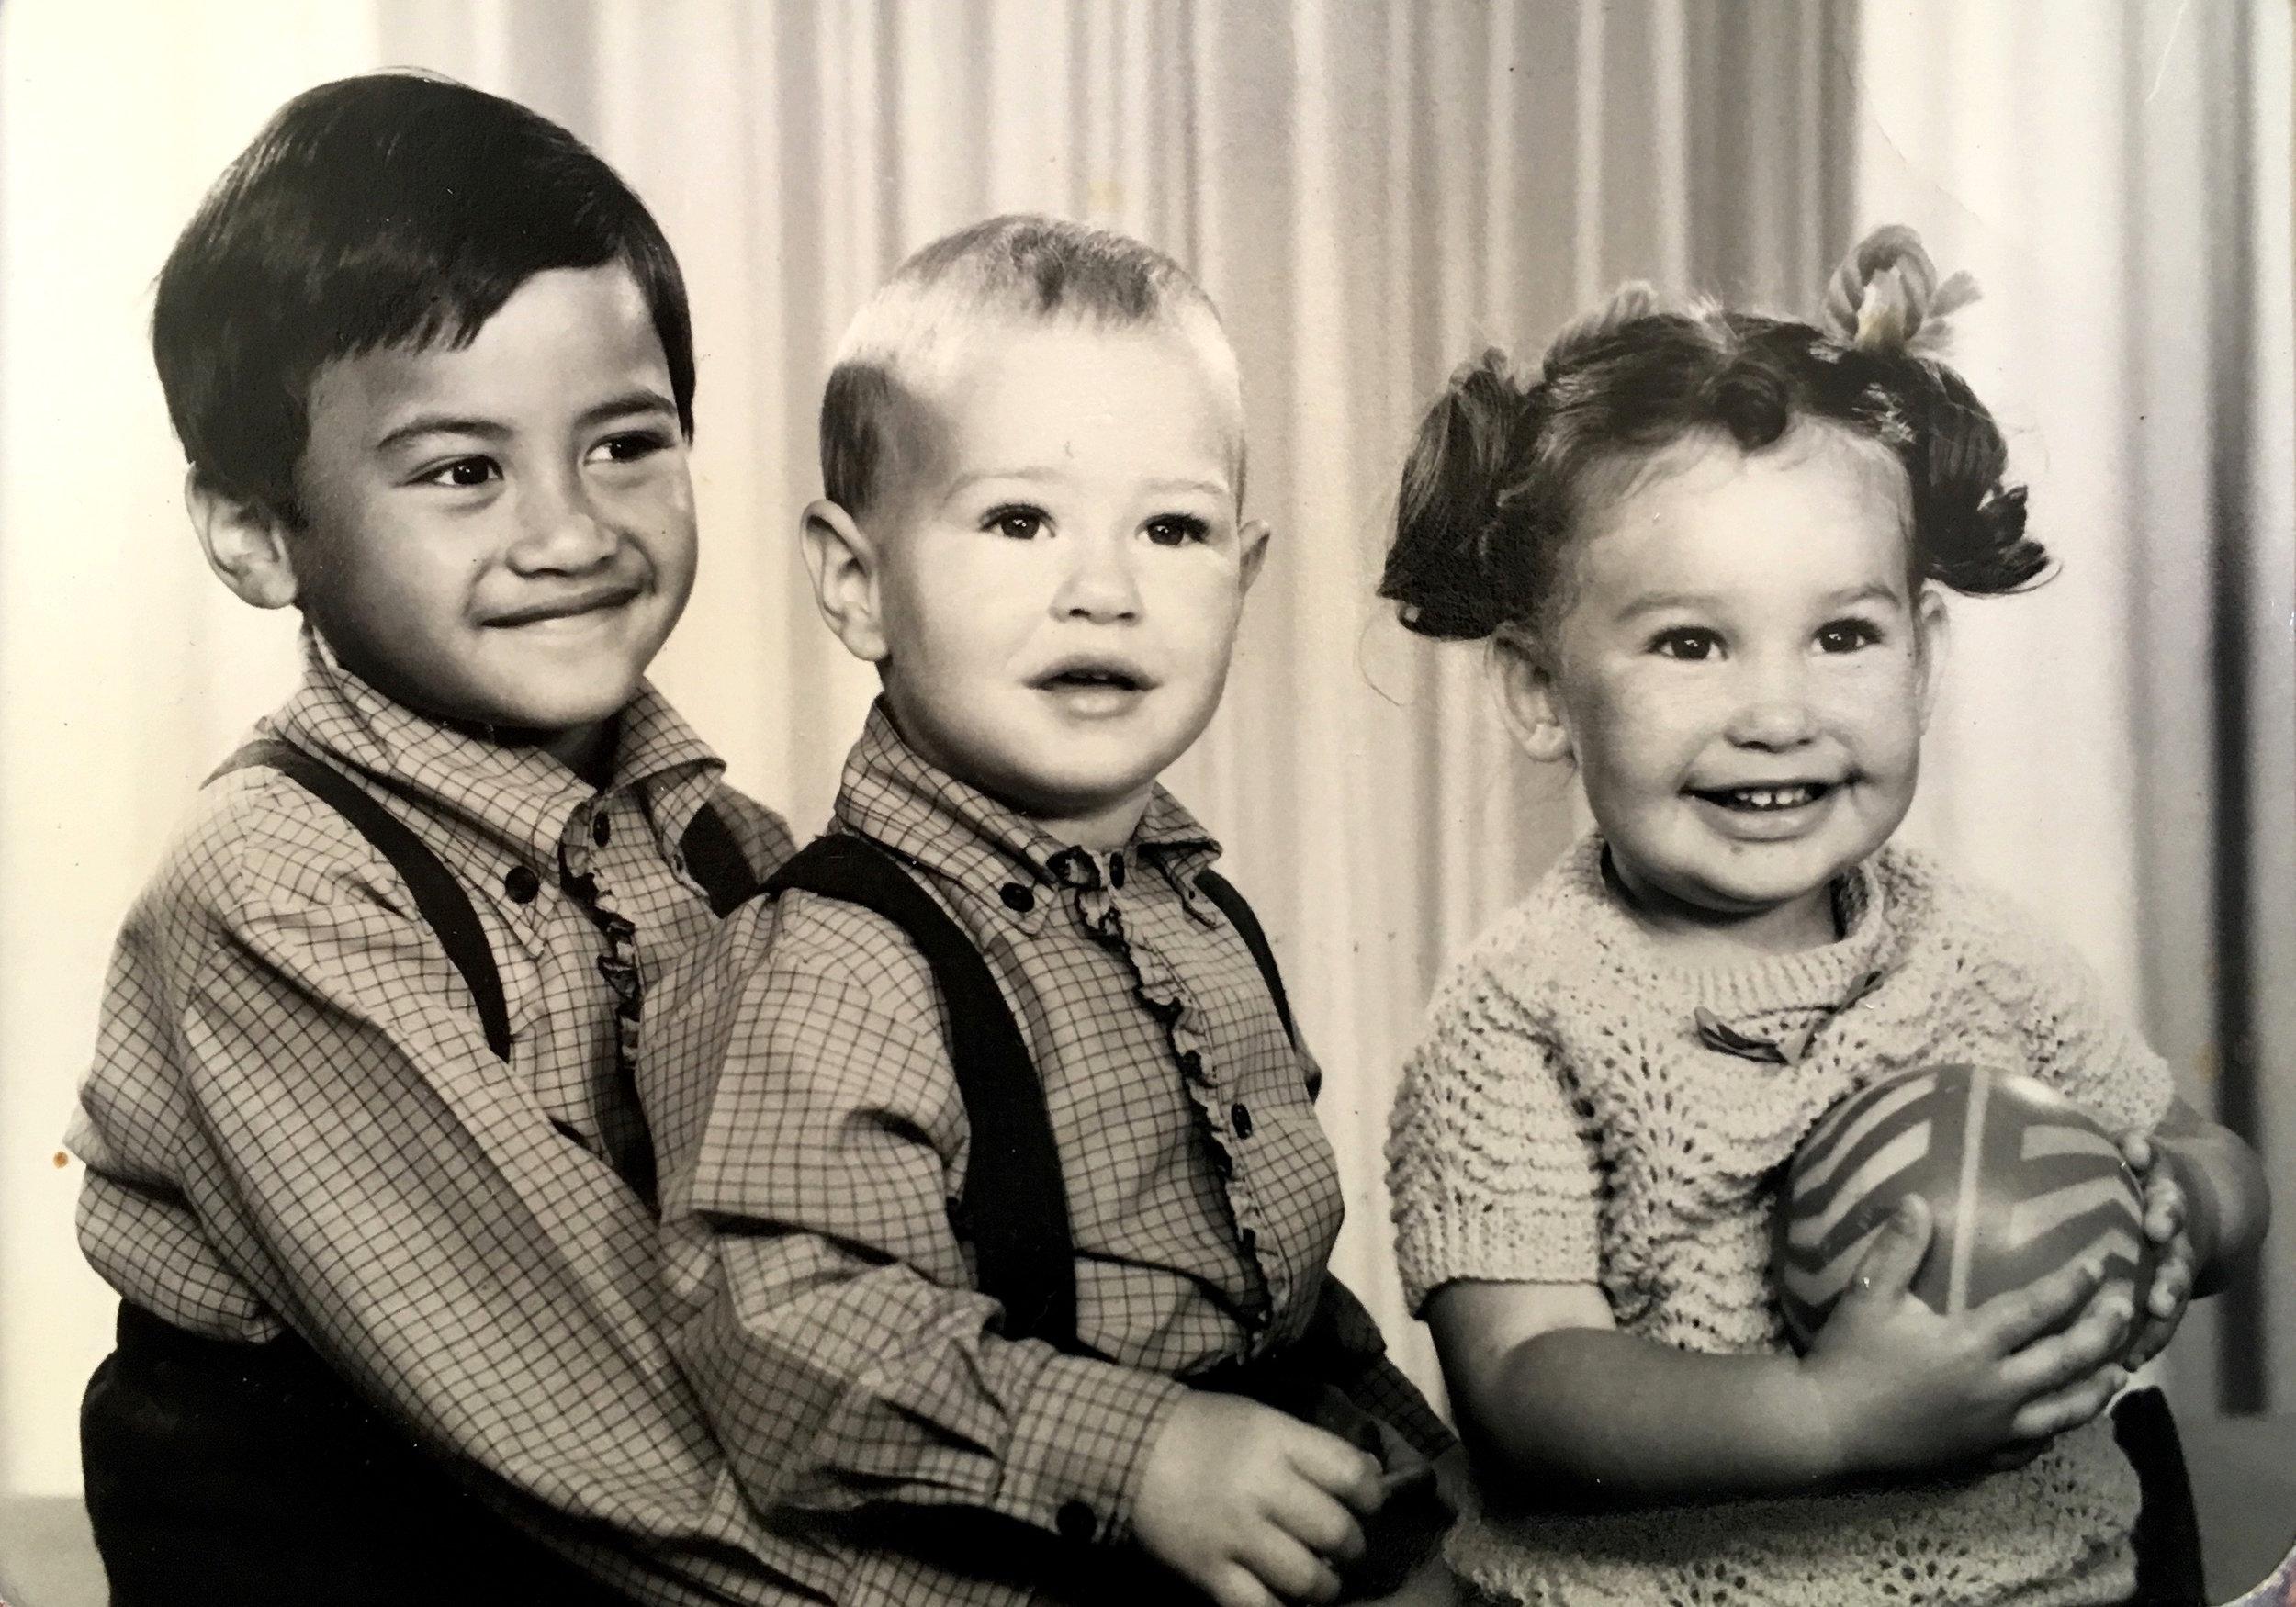 Michael, Quintin & me